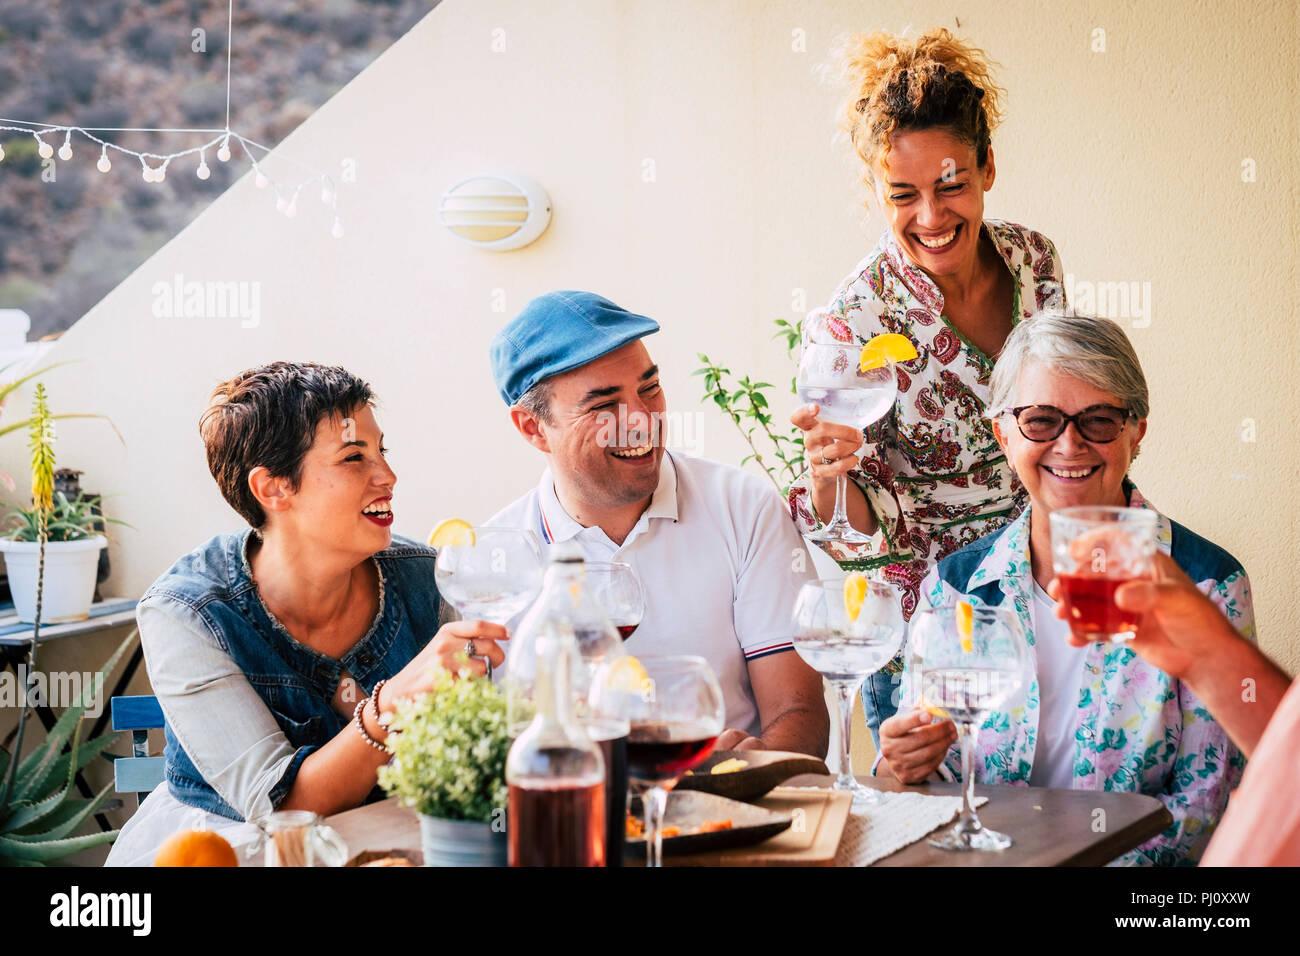 Gruppe der Erwachsenen gemischt im Alter von 40 bis 80 zusammen zu Hause auf der Terrasse mit Essen und Wein feiern. Freundschaft zusammen Personen Konzept Spaß a Stockbild